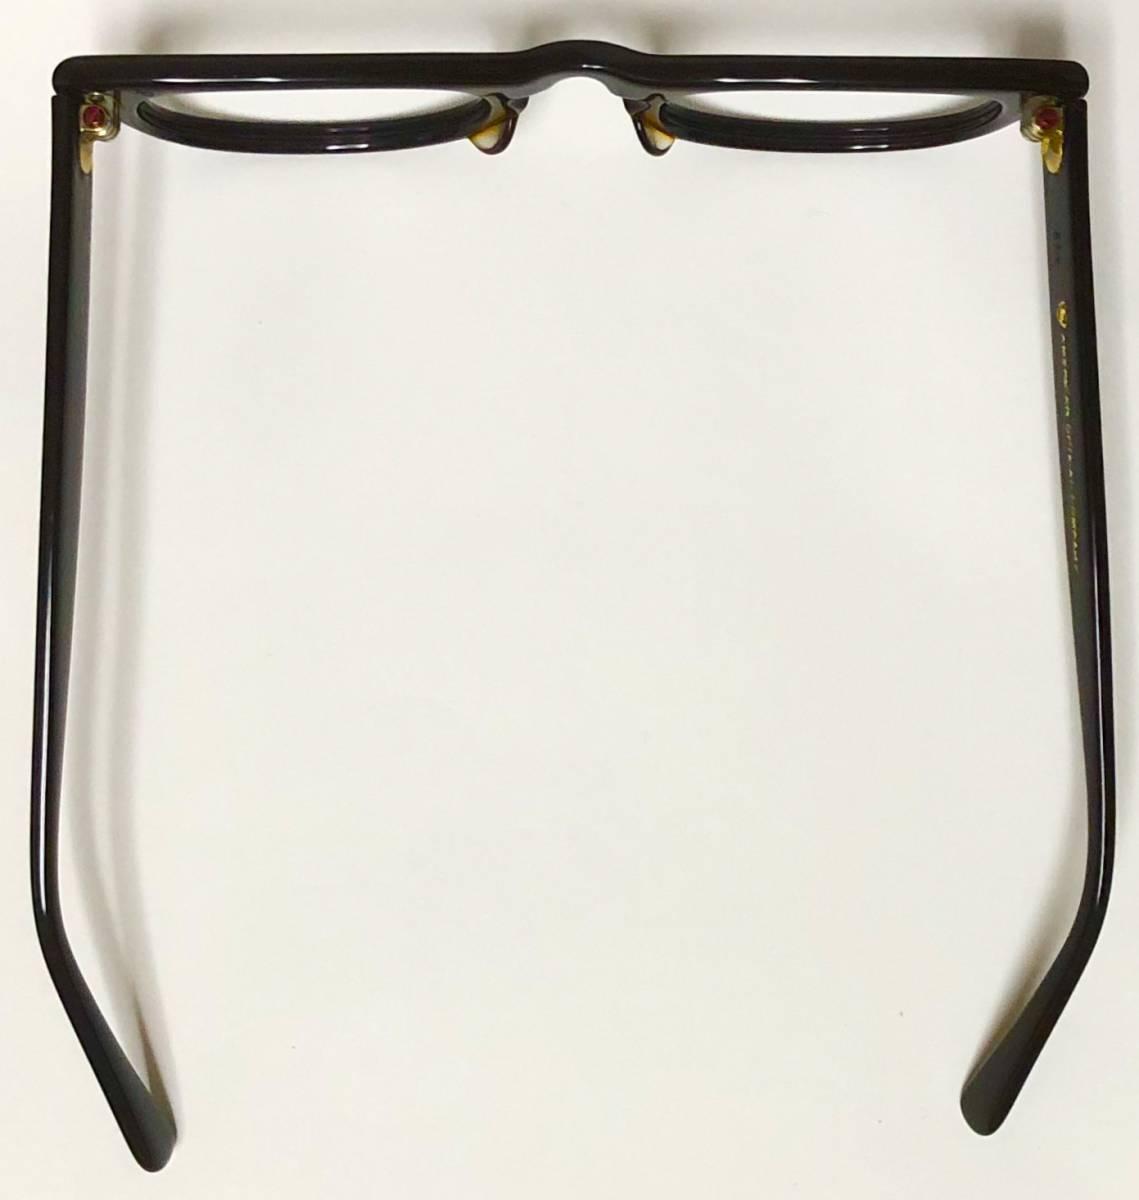 新品・1960年代頃】アメリカンオプティカル All純正 AO メガネ American Optical 米国製 ビンテージ ヴィンテージ_画像9